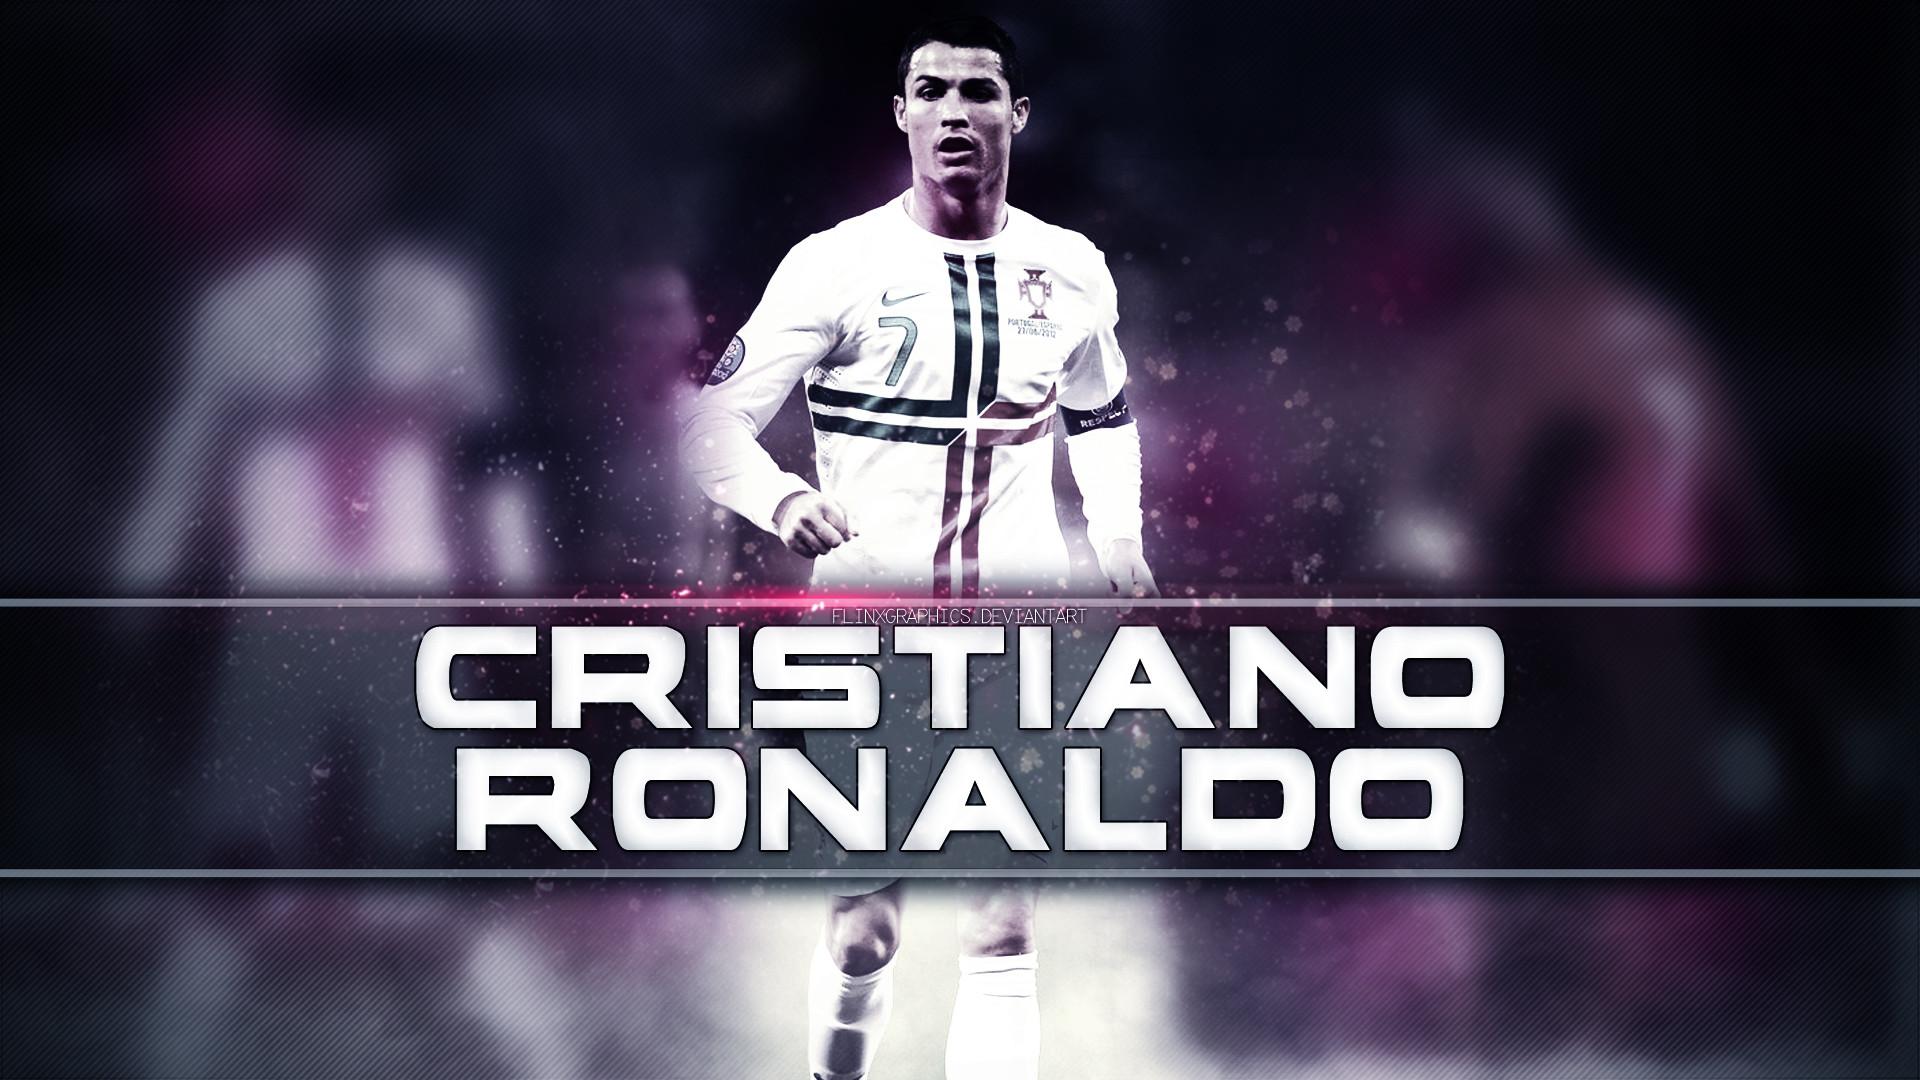 2943x1600 Gareth Bale And Cristiano Ronaldo Wallpaper 2015 7